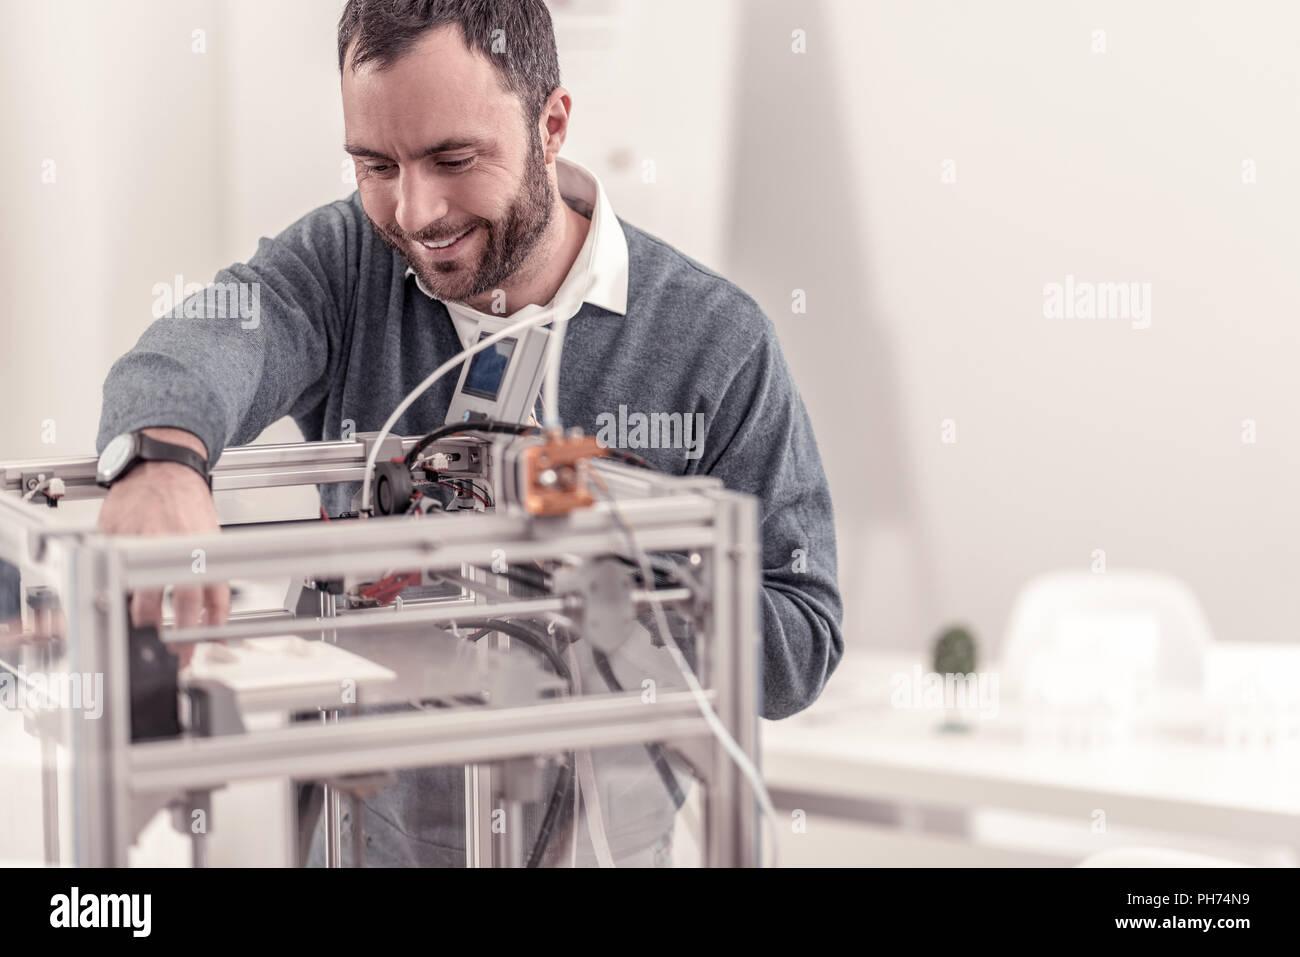 Lächelnd erwachsenen Mann Testen neuer Ein 3D-Drucker Stockbild